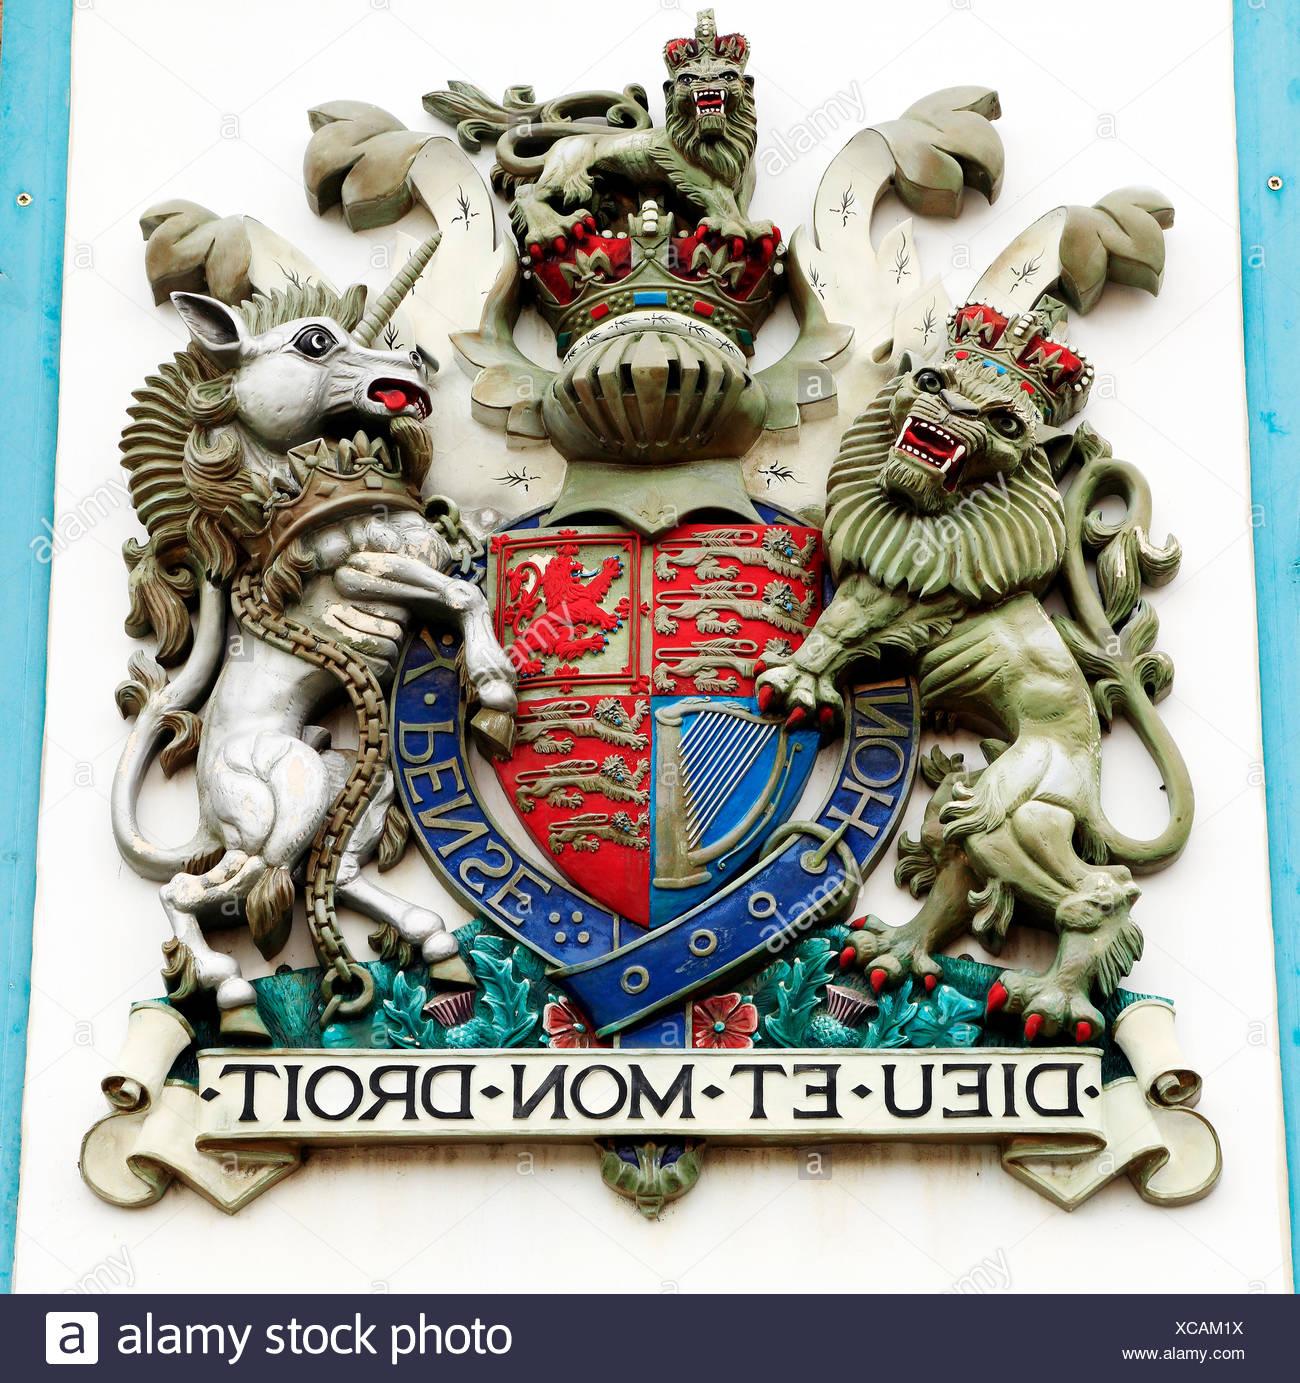 British Royal Coat Of Arms Lion And Unicorn Dieu Et Mon